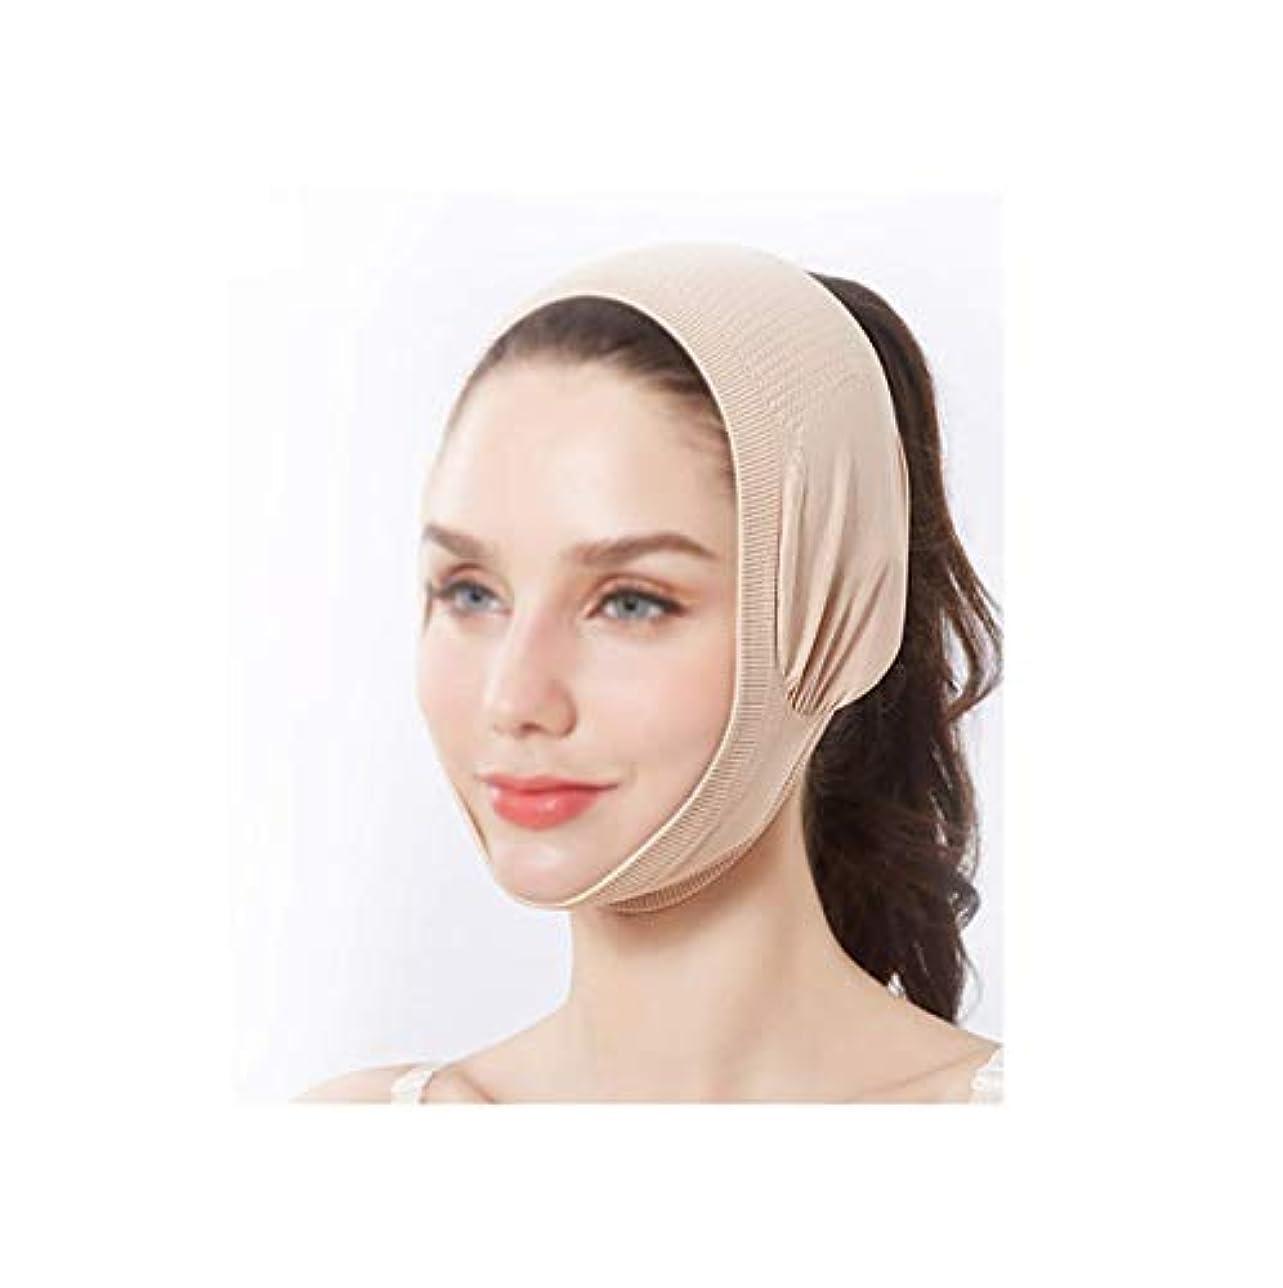 水平ベースダブルフェイスリフトマスク、フェイシャルマスクエクステンション強度フェイスレス包帯バンディオンフェイスラージVラインカービングフェイスバックカバーネックストラップ(カラー:肌の色)